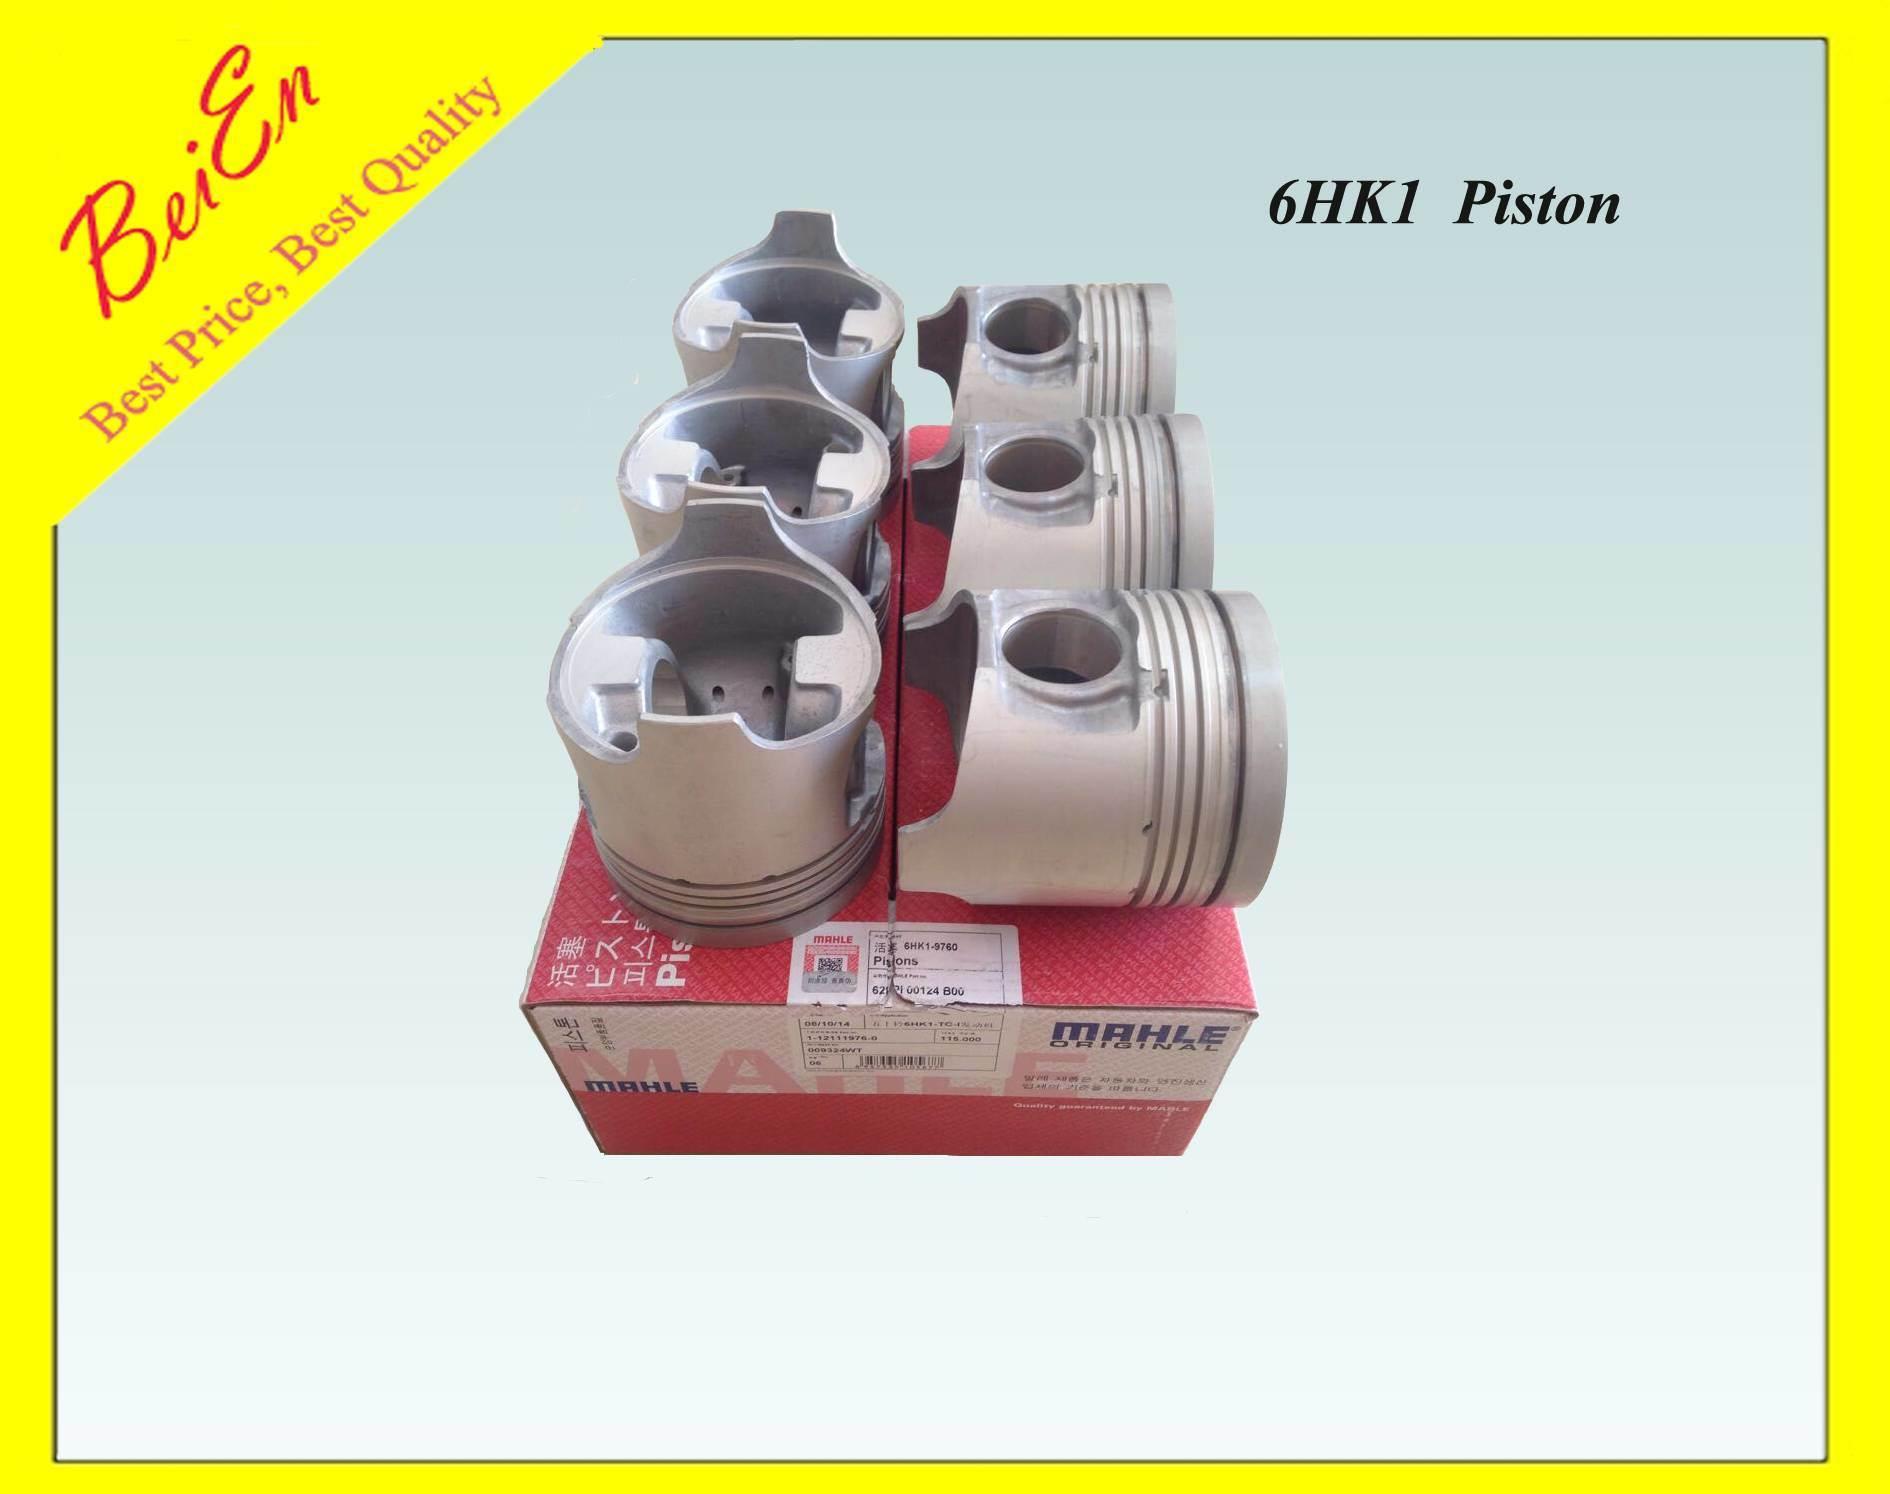 Isuzu Piston for Excavator Zx330 Engine 6HK1 (DIRECT INJECTION)